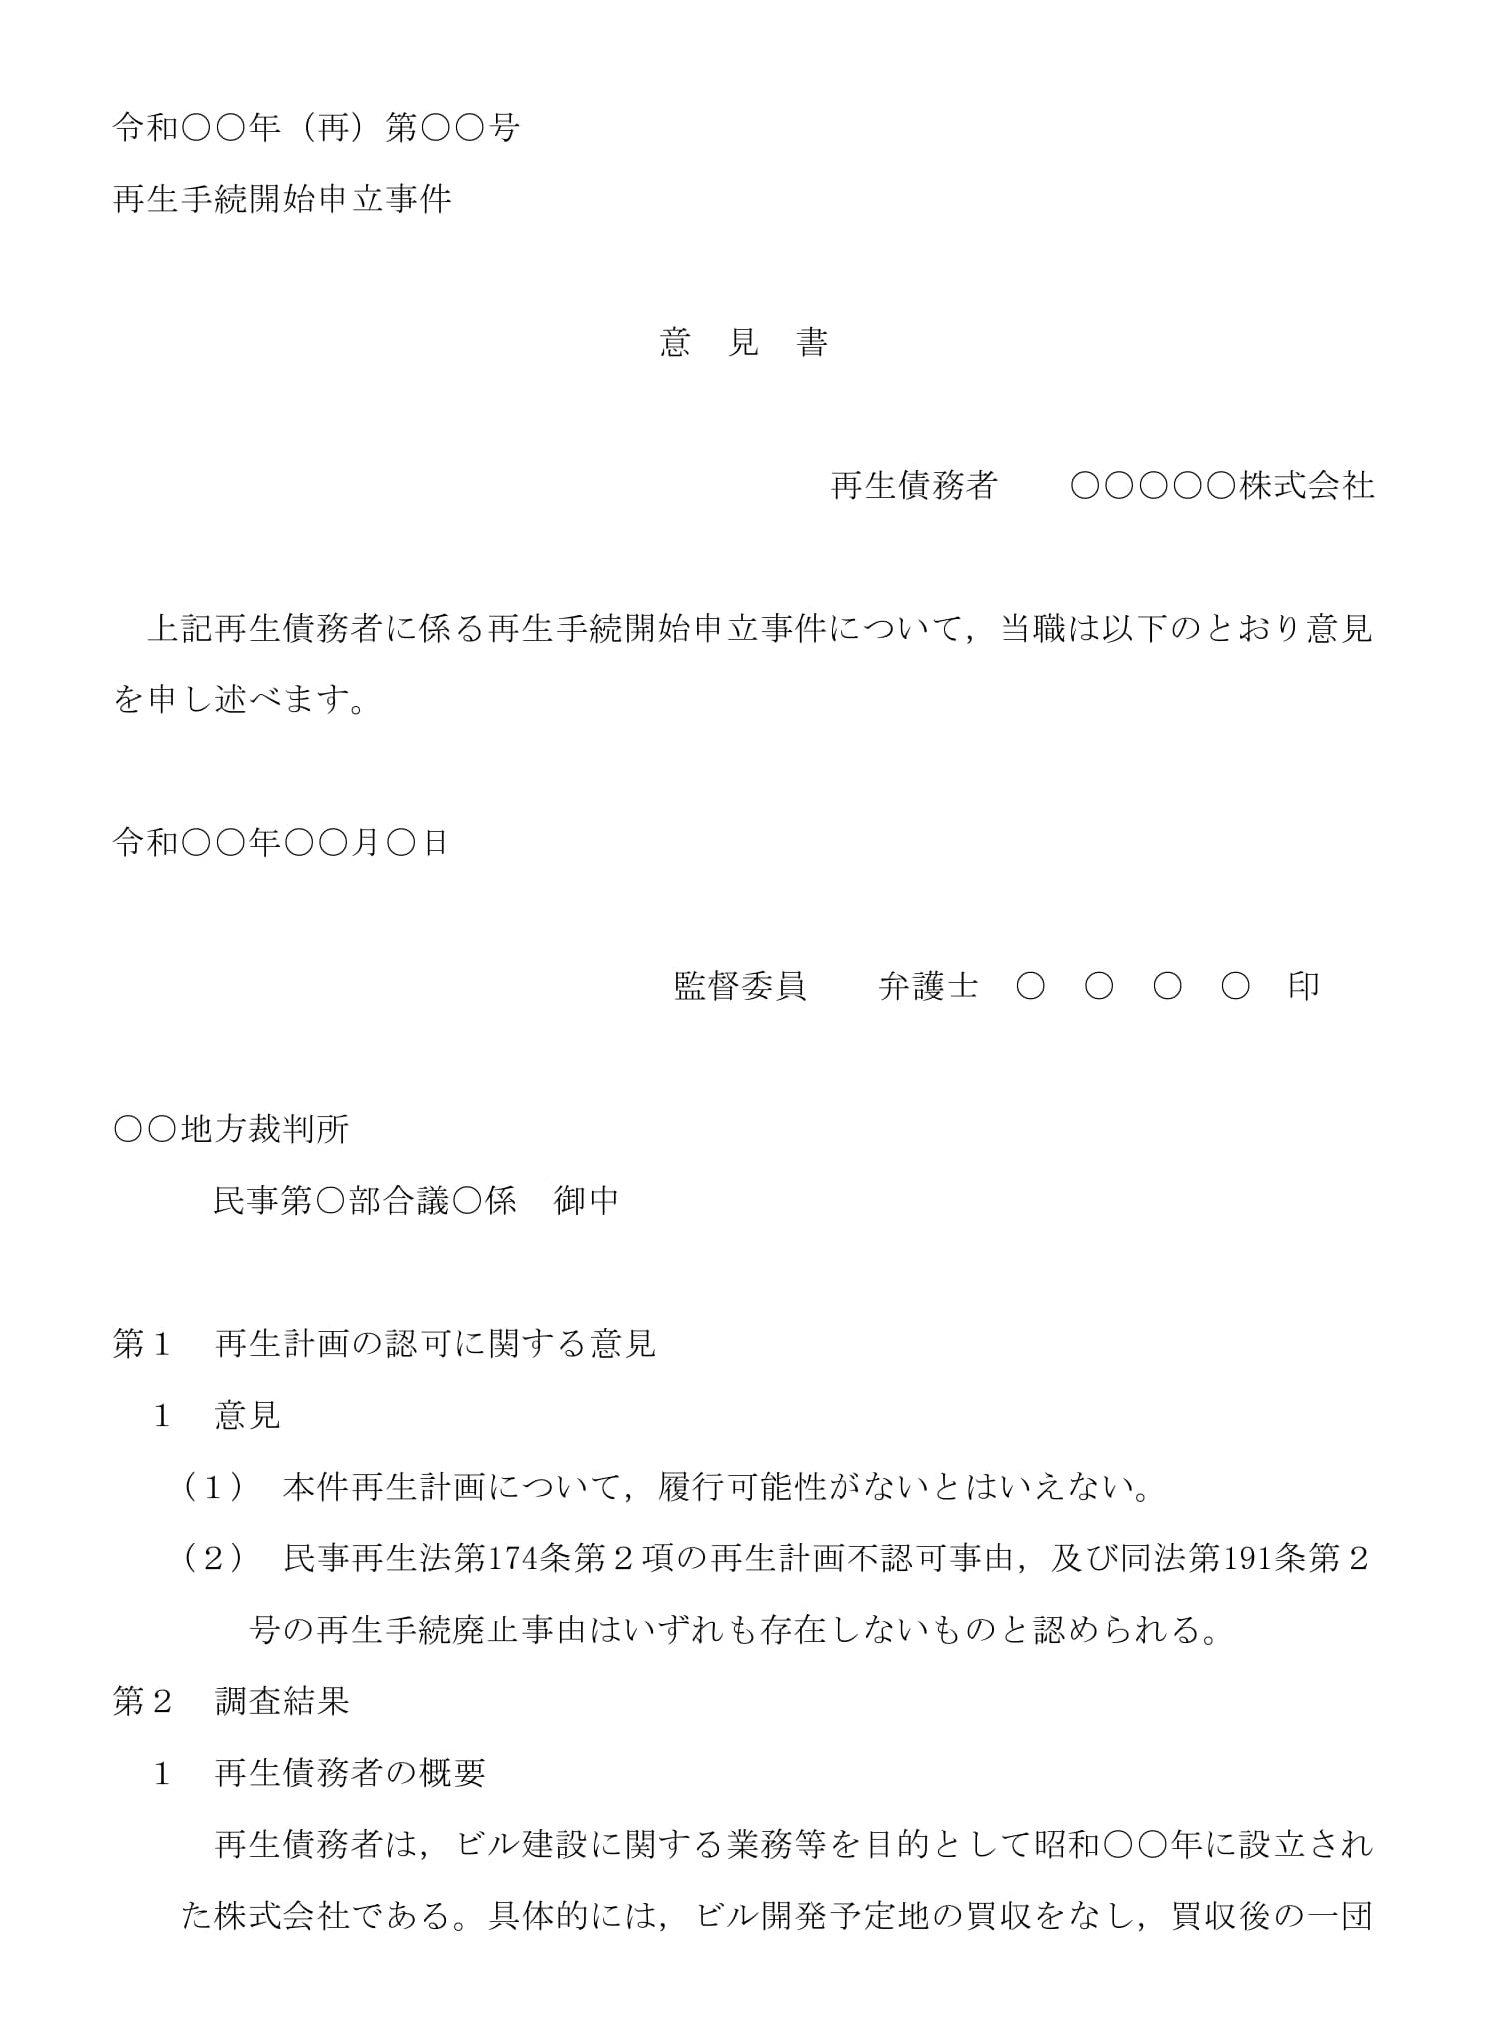 会員登録不要で無料でダウンロードできる意見書のテンプレート書式